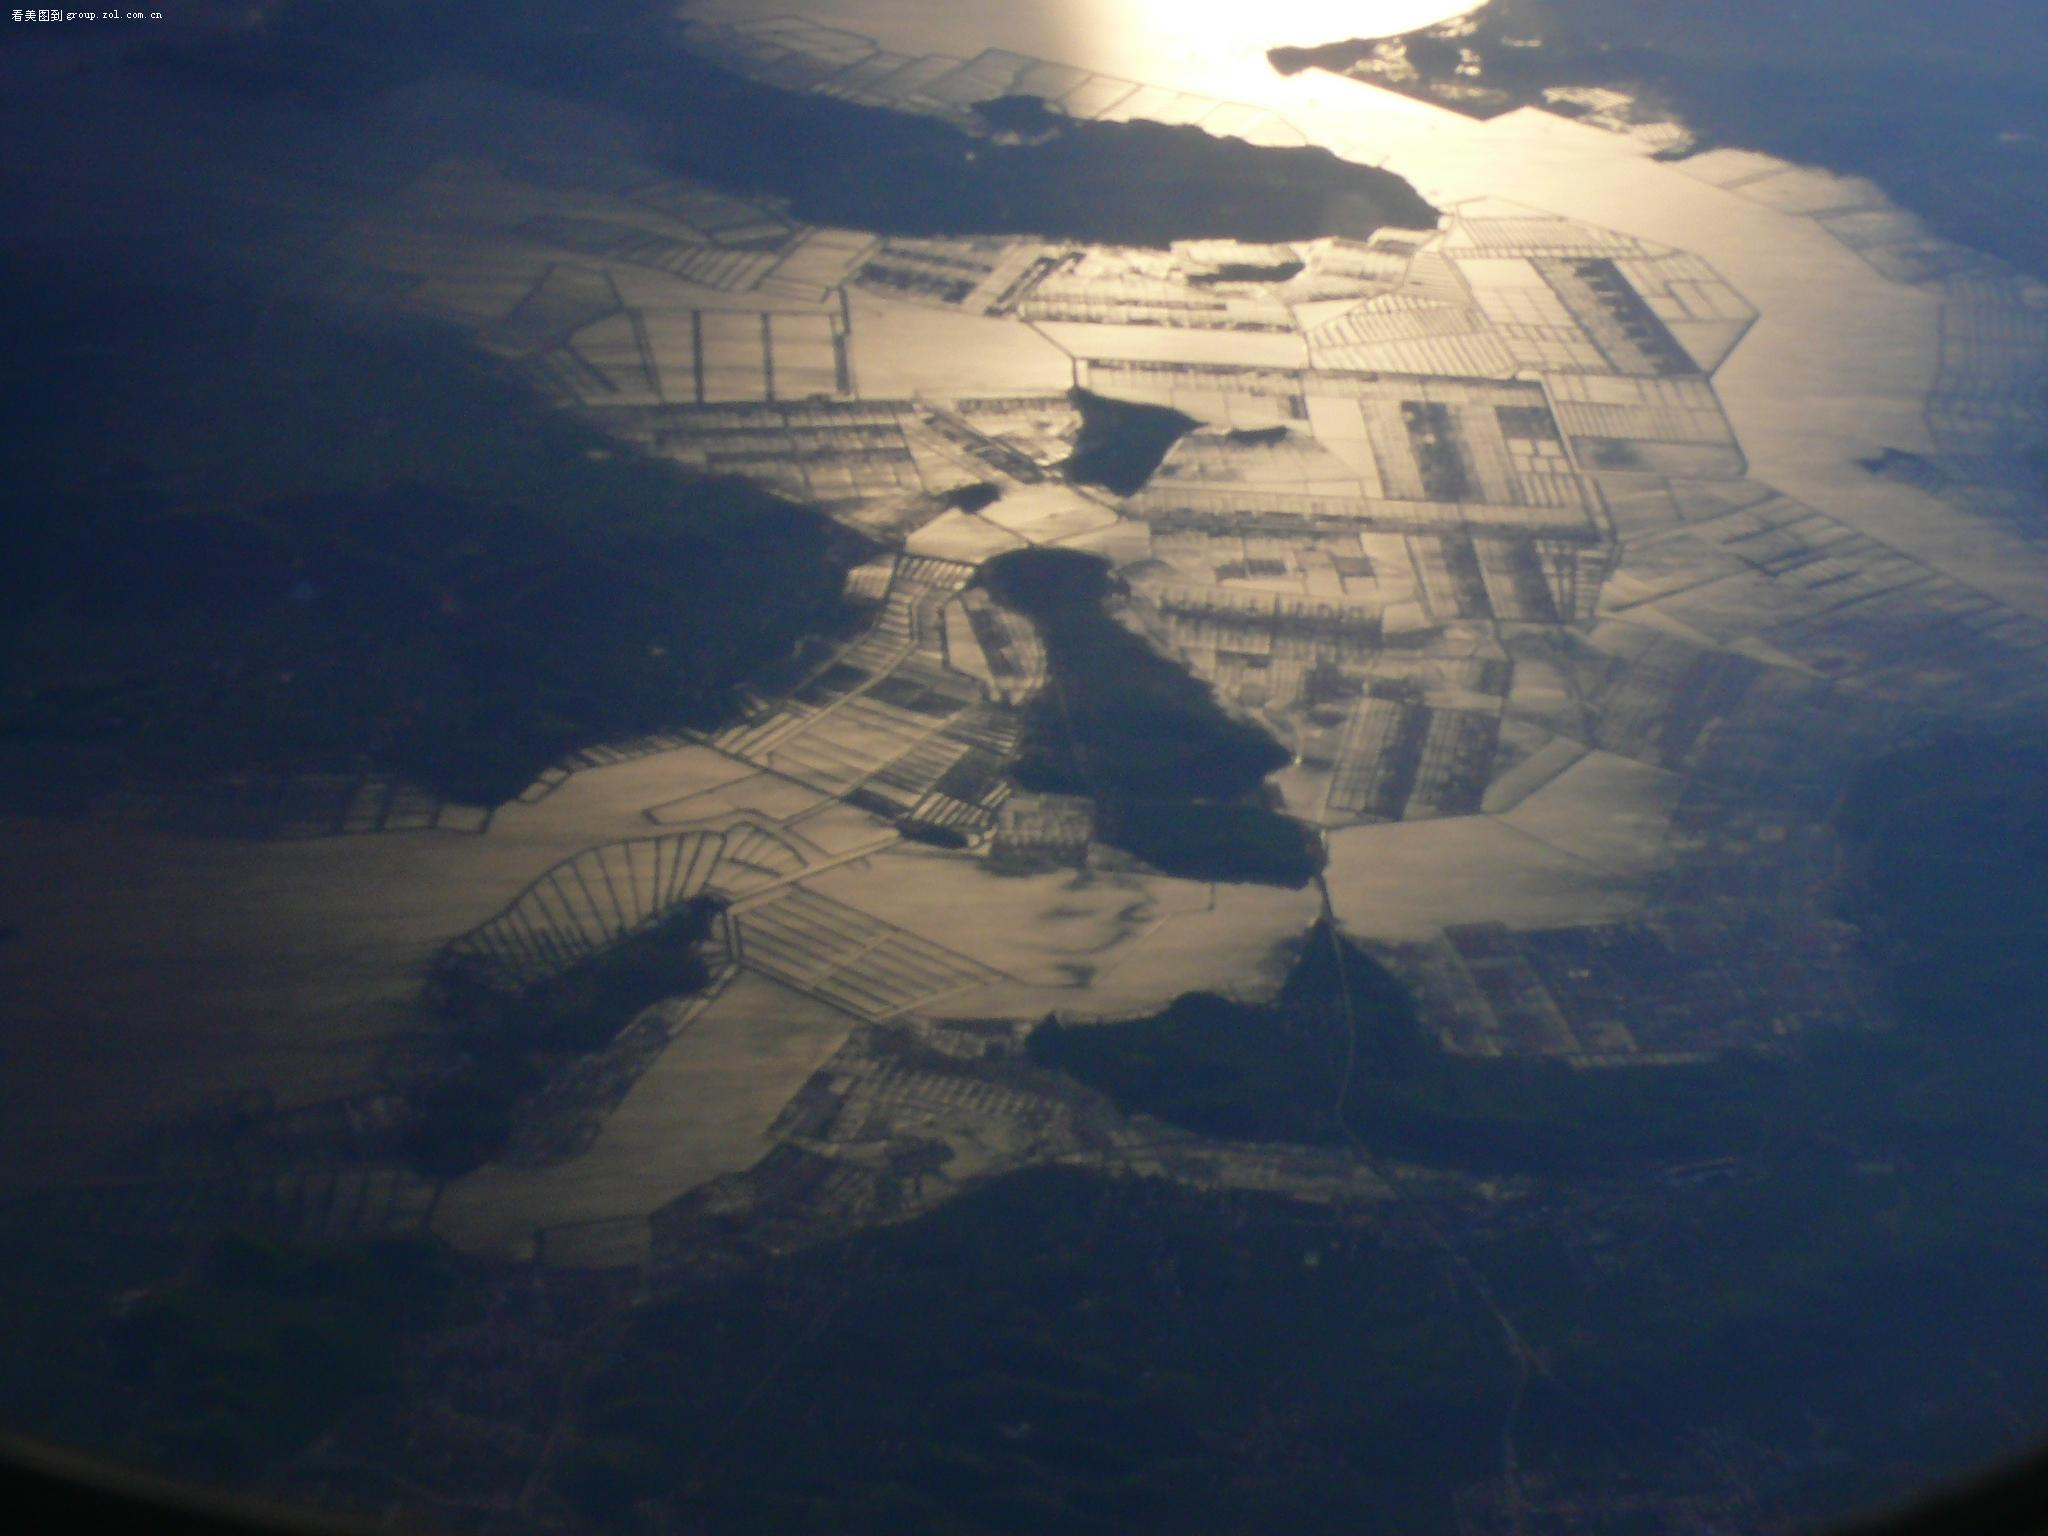 【从飞机上俯瞰大地,如此壮观!